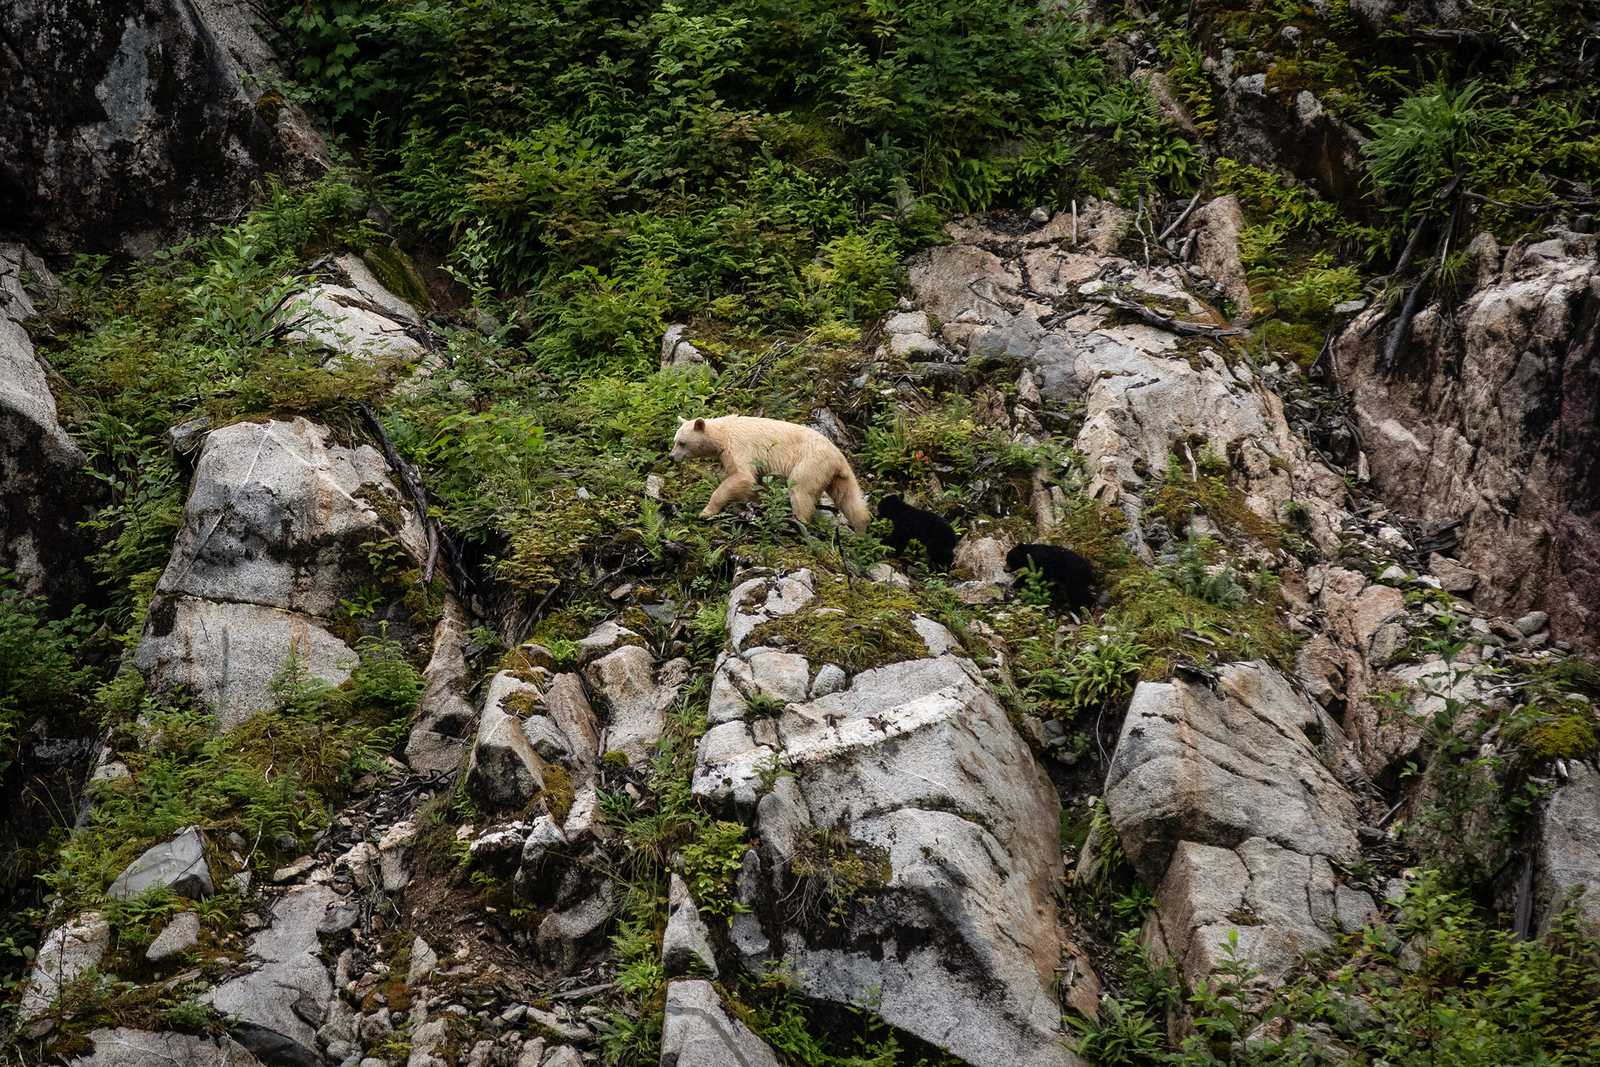 Ausblick auf einen Bären, der die Umgebung der Spirit Bear Lodge in Klemtu, British Columbia erkundet